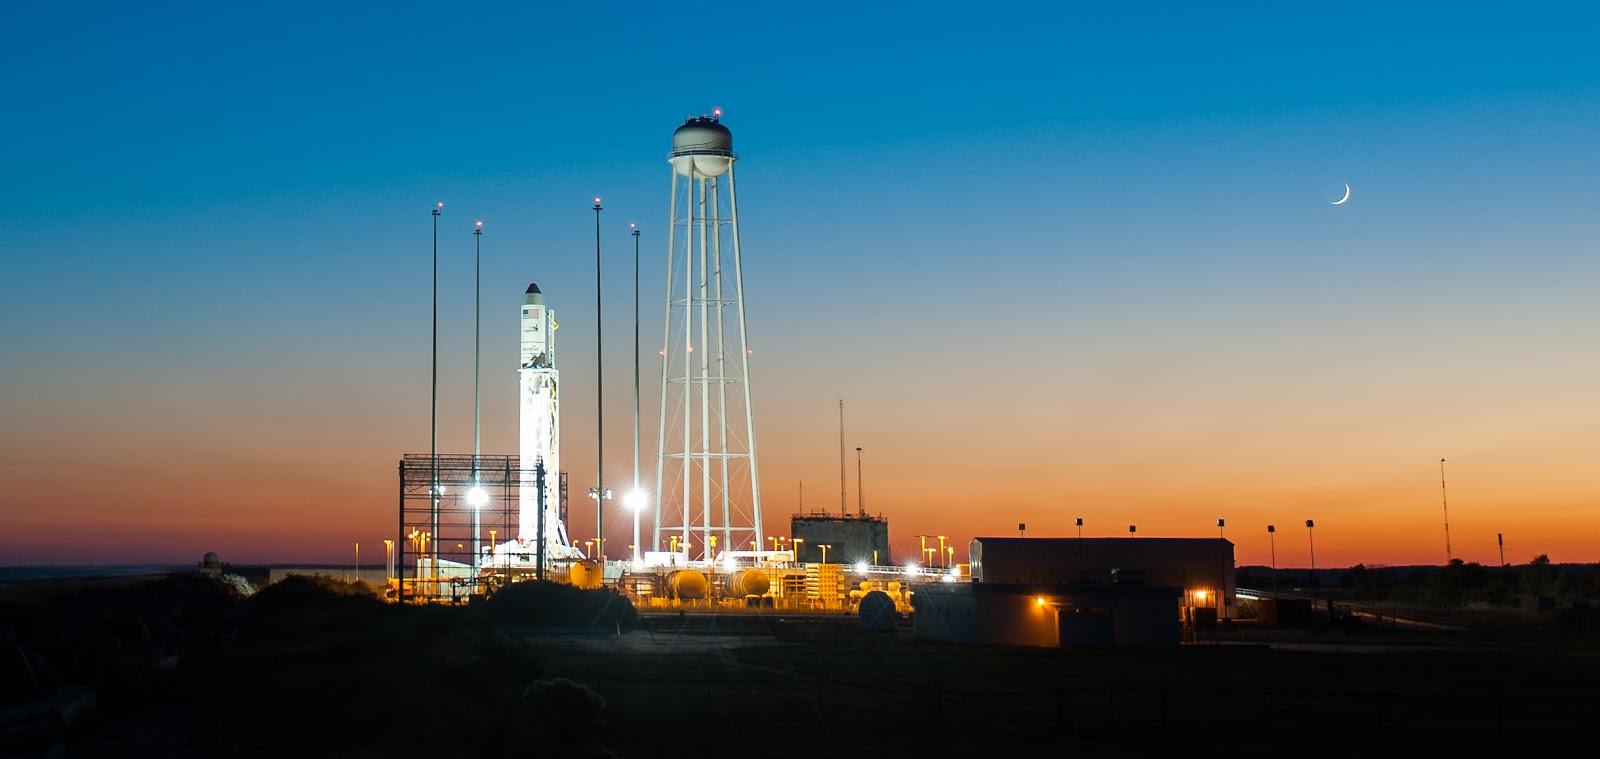 Hỏa tiễn Antares vào 6 giờ chiều ngày 25/10/2014 vừa qua tại bãi phóng Wallops ở đảo Wallops, bang Virginia của nước Mỹ. Bản quyền hình ảnh : NASA/Joel Kowsky.